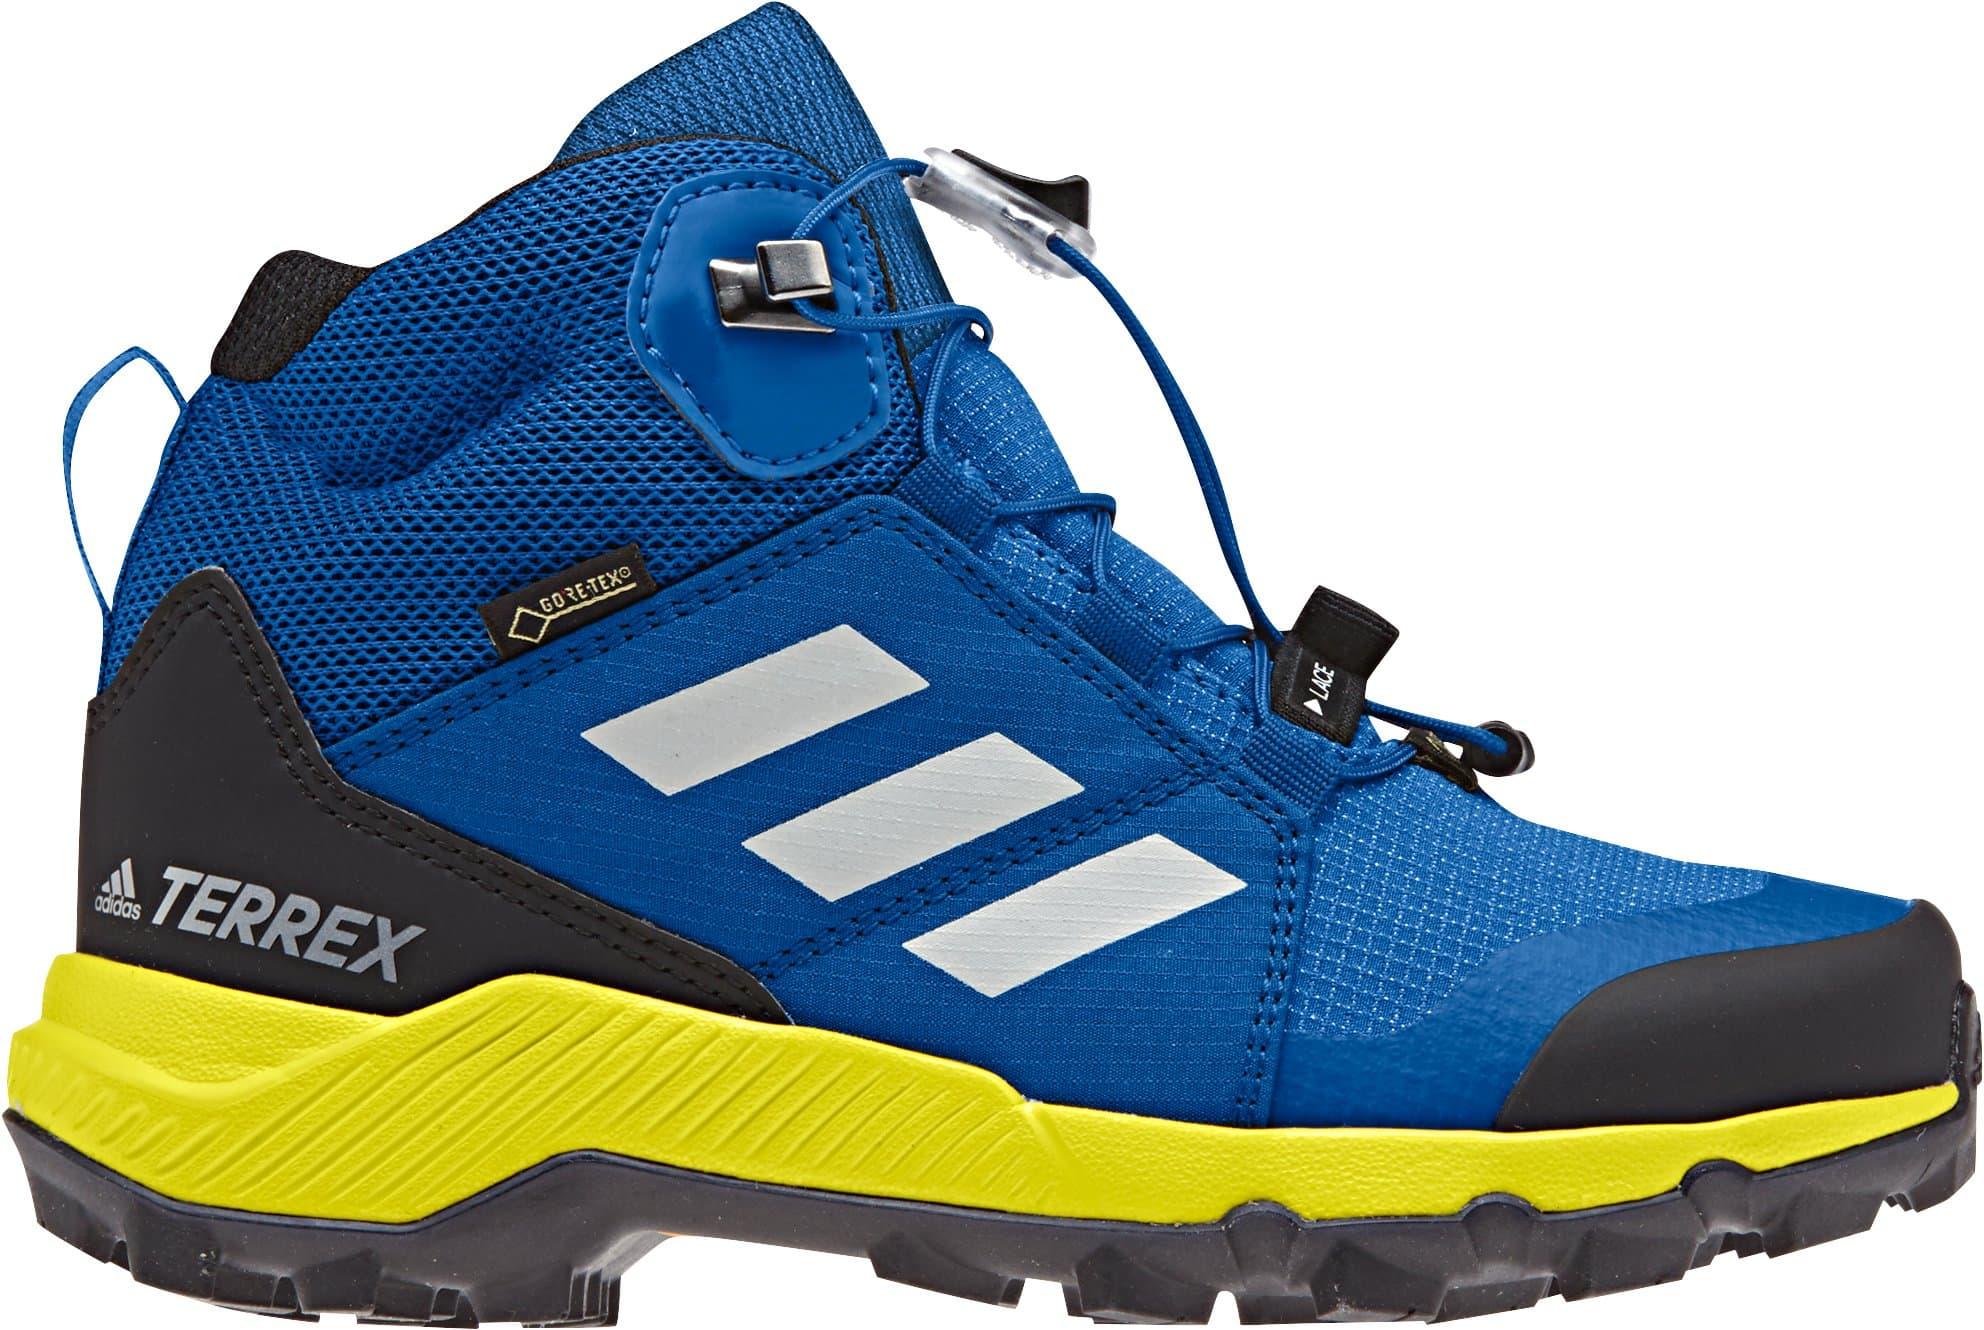 Adidas Terrex Mid GTX Kinder Wanderschuh